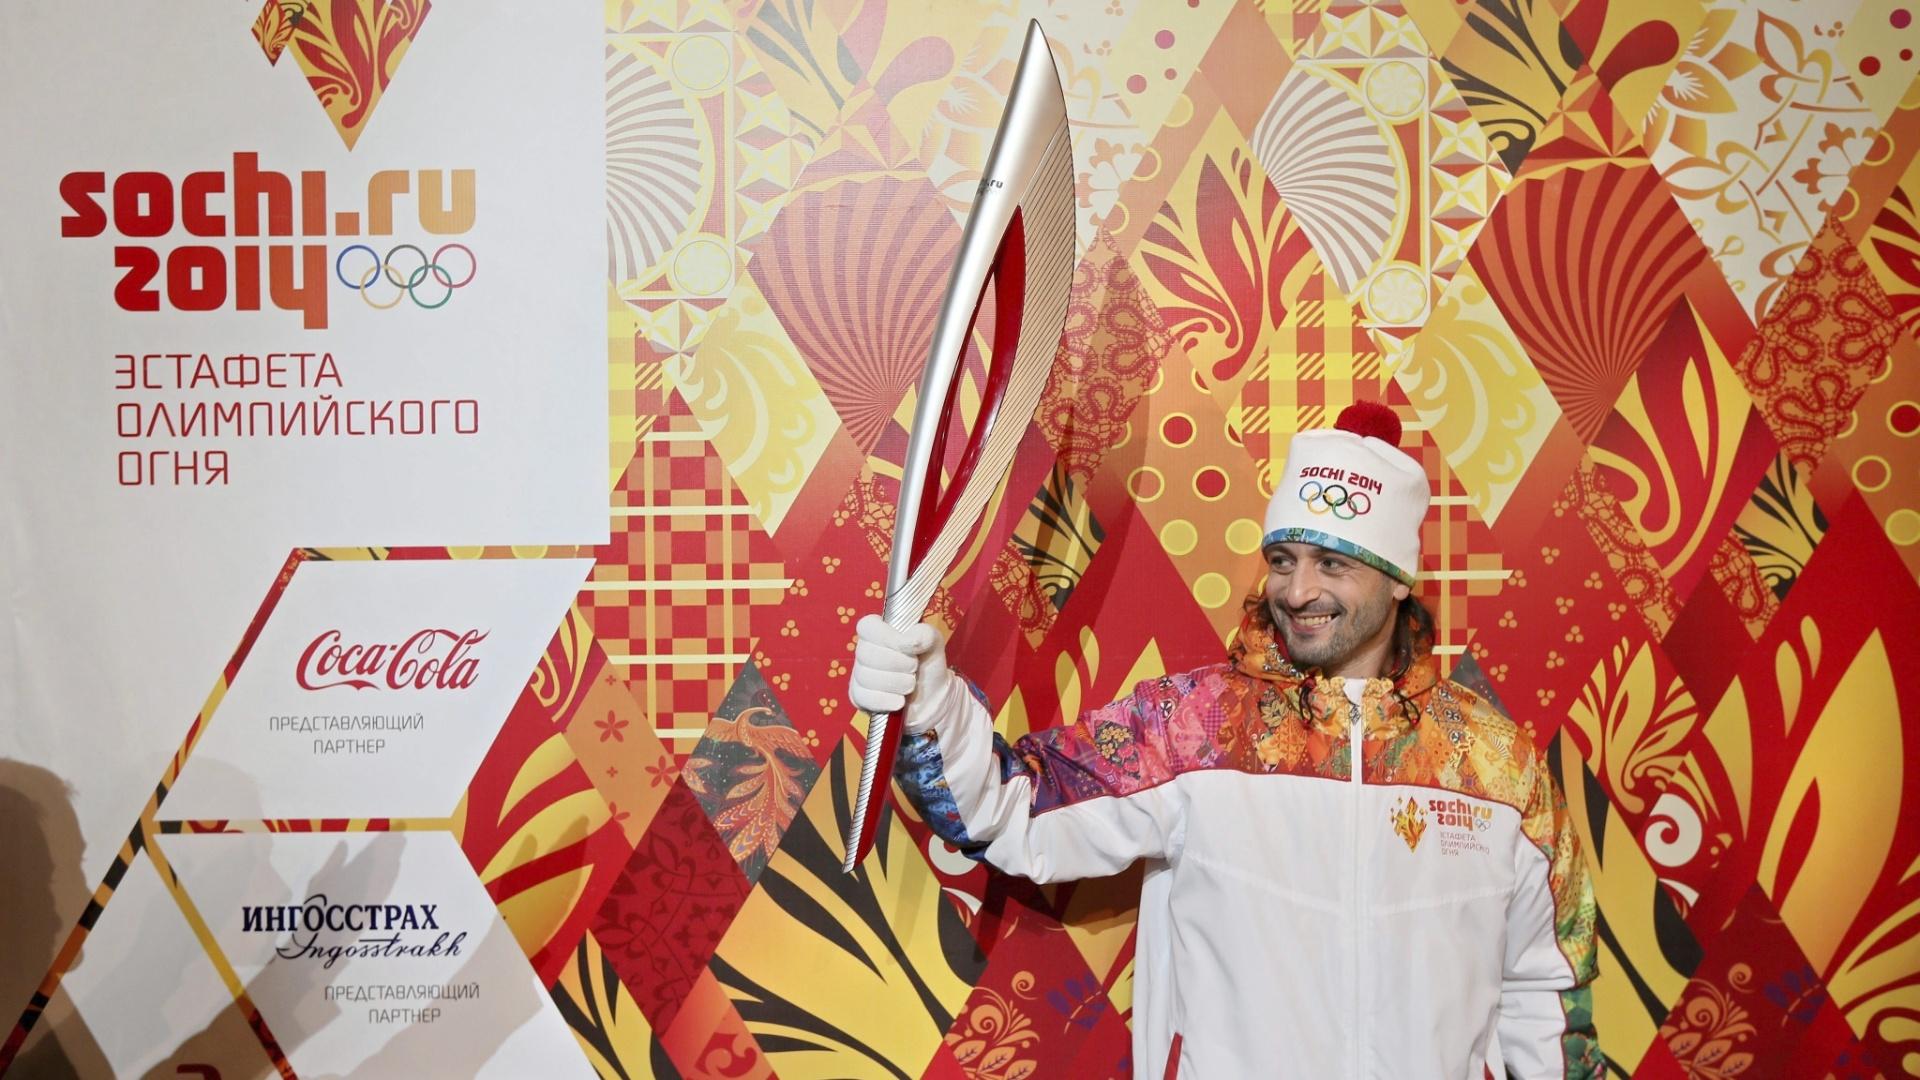 14.jan.2013 - Os organizadores dos Jogos de Sochi-2014 apresentaram nesta segunda-feira em Moscou as tochas olímpica e paraolímpica. Na foto, Ilya Averbukh, embaixador da Olimpíada de Sochi, ergue a tocha olímpica